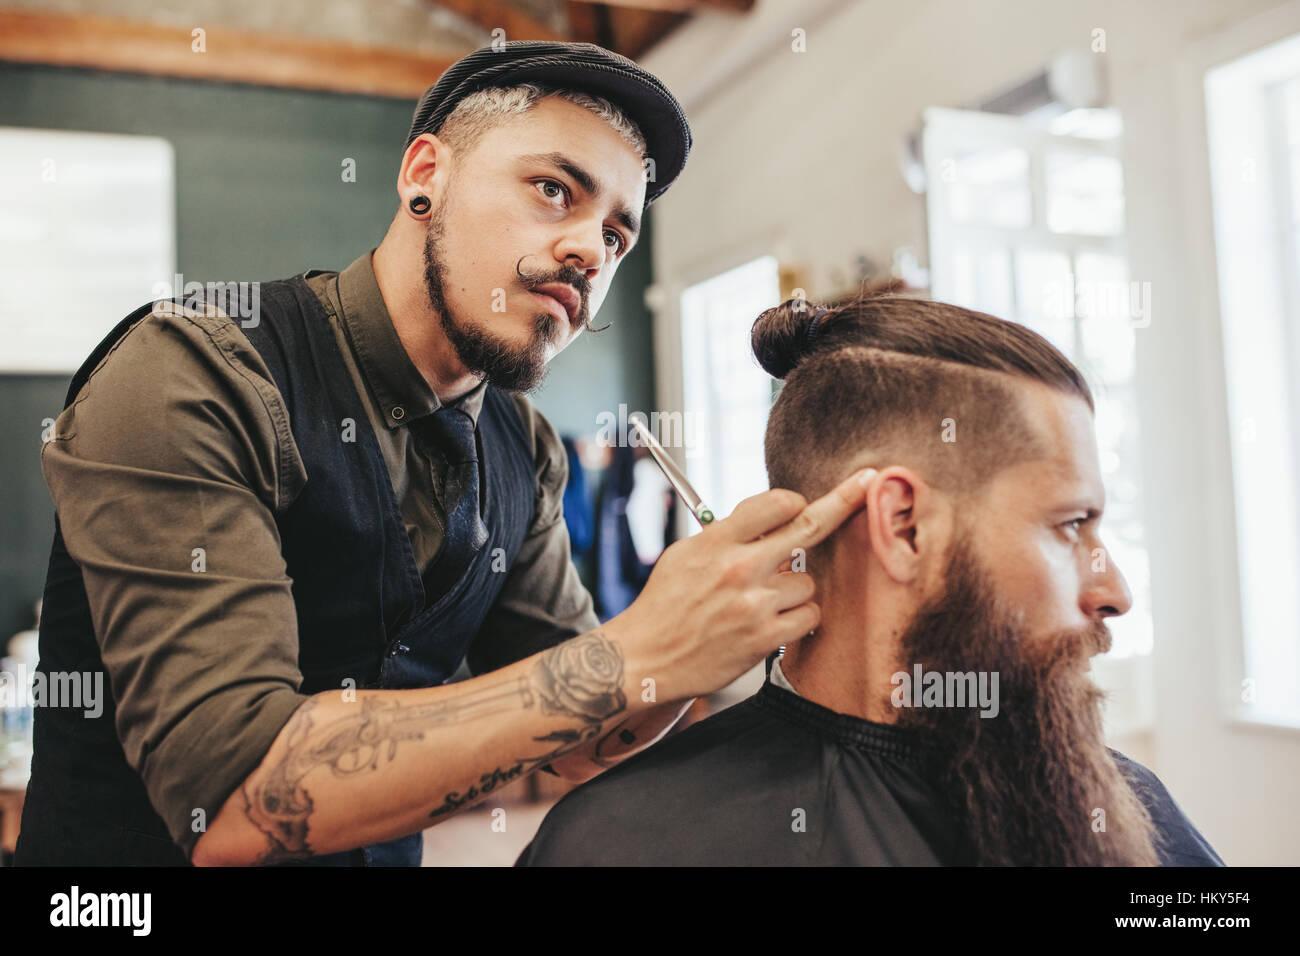 Barbier Überprüfung Symmetrie der Haarschnitt seines Mandanten. Bärtiger Mann immer trendigen Haarschnitt Stockbild